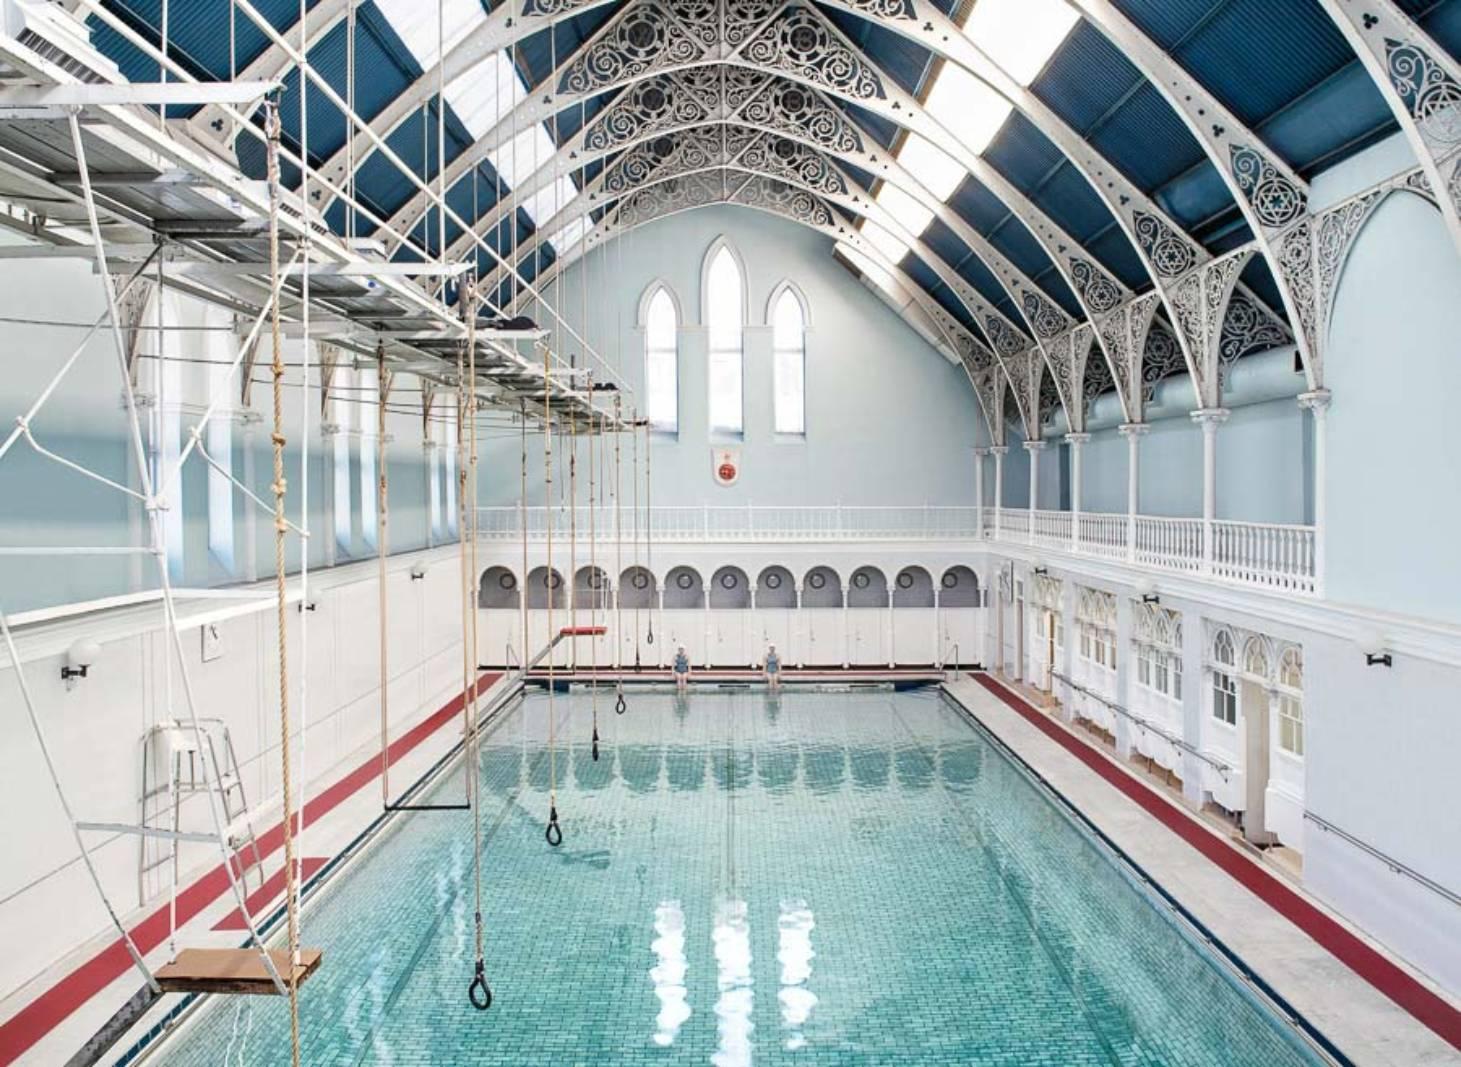 Western Baths ©️ Soo Burnell